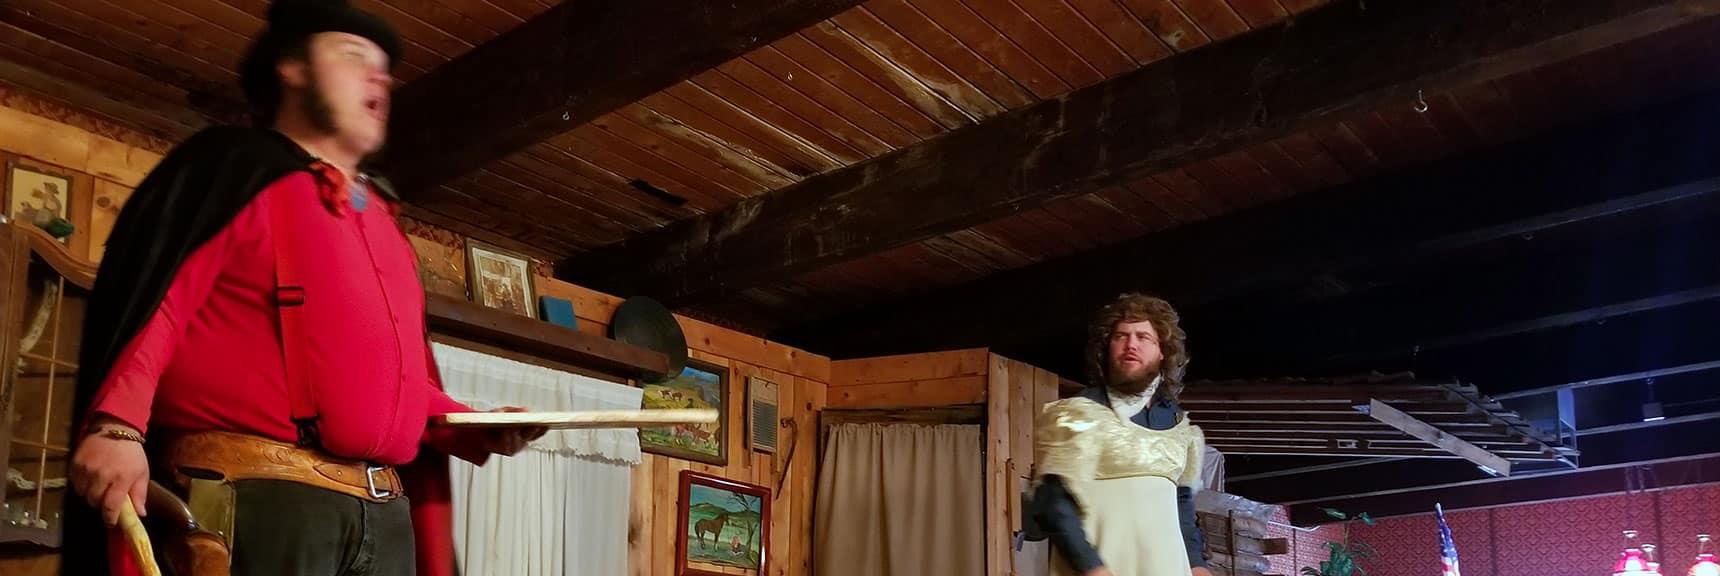 Melodrama at Bonnie Springs Ranch, Nevada